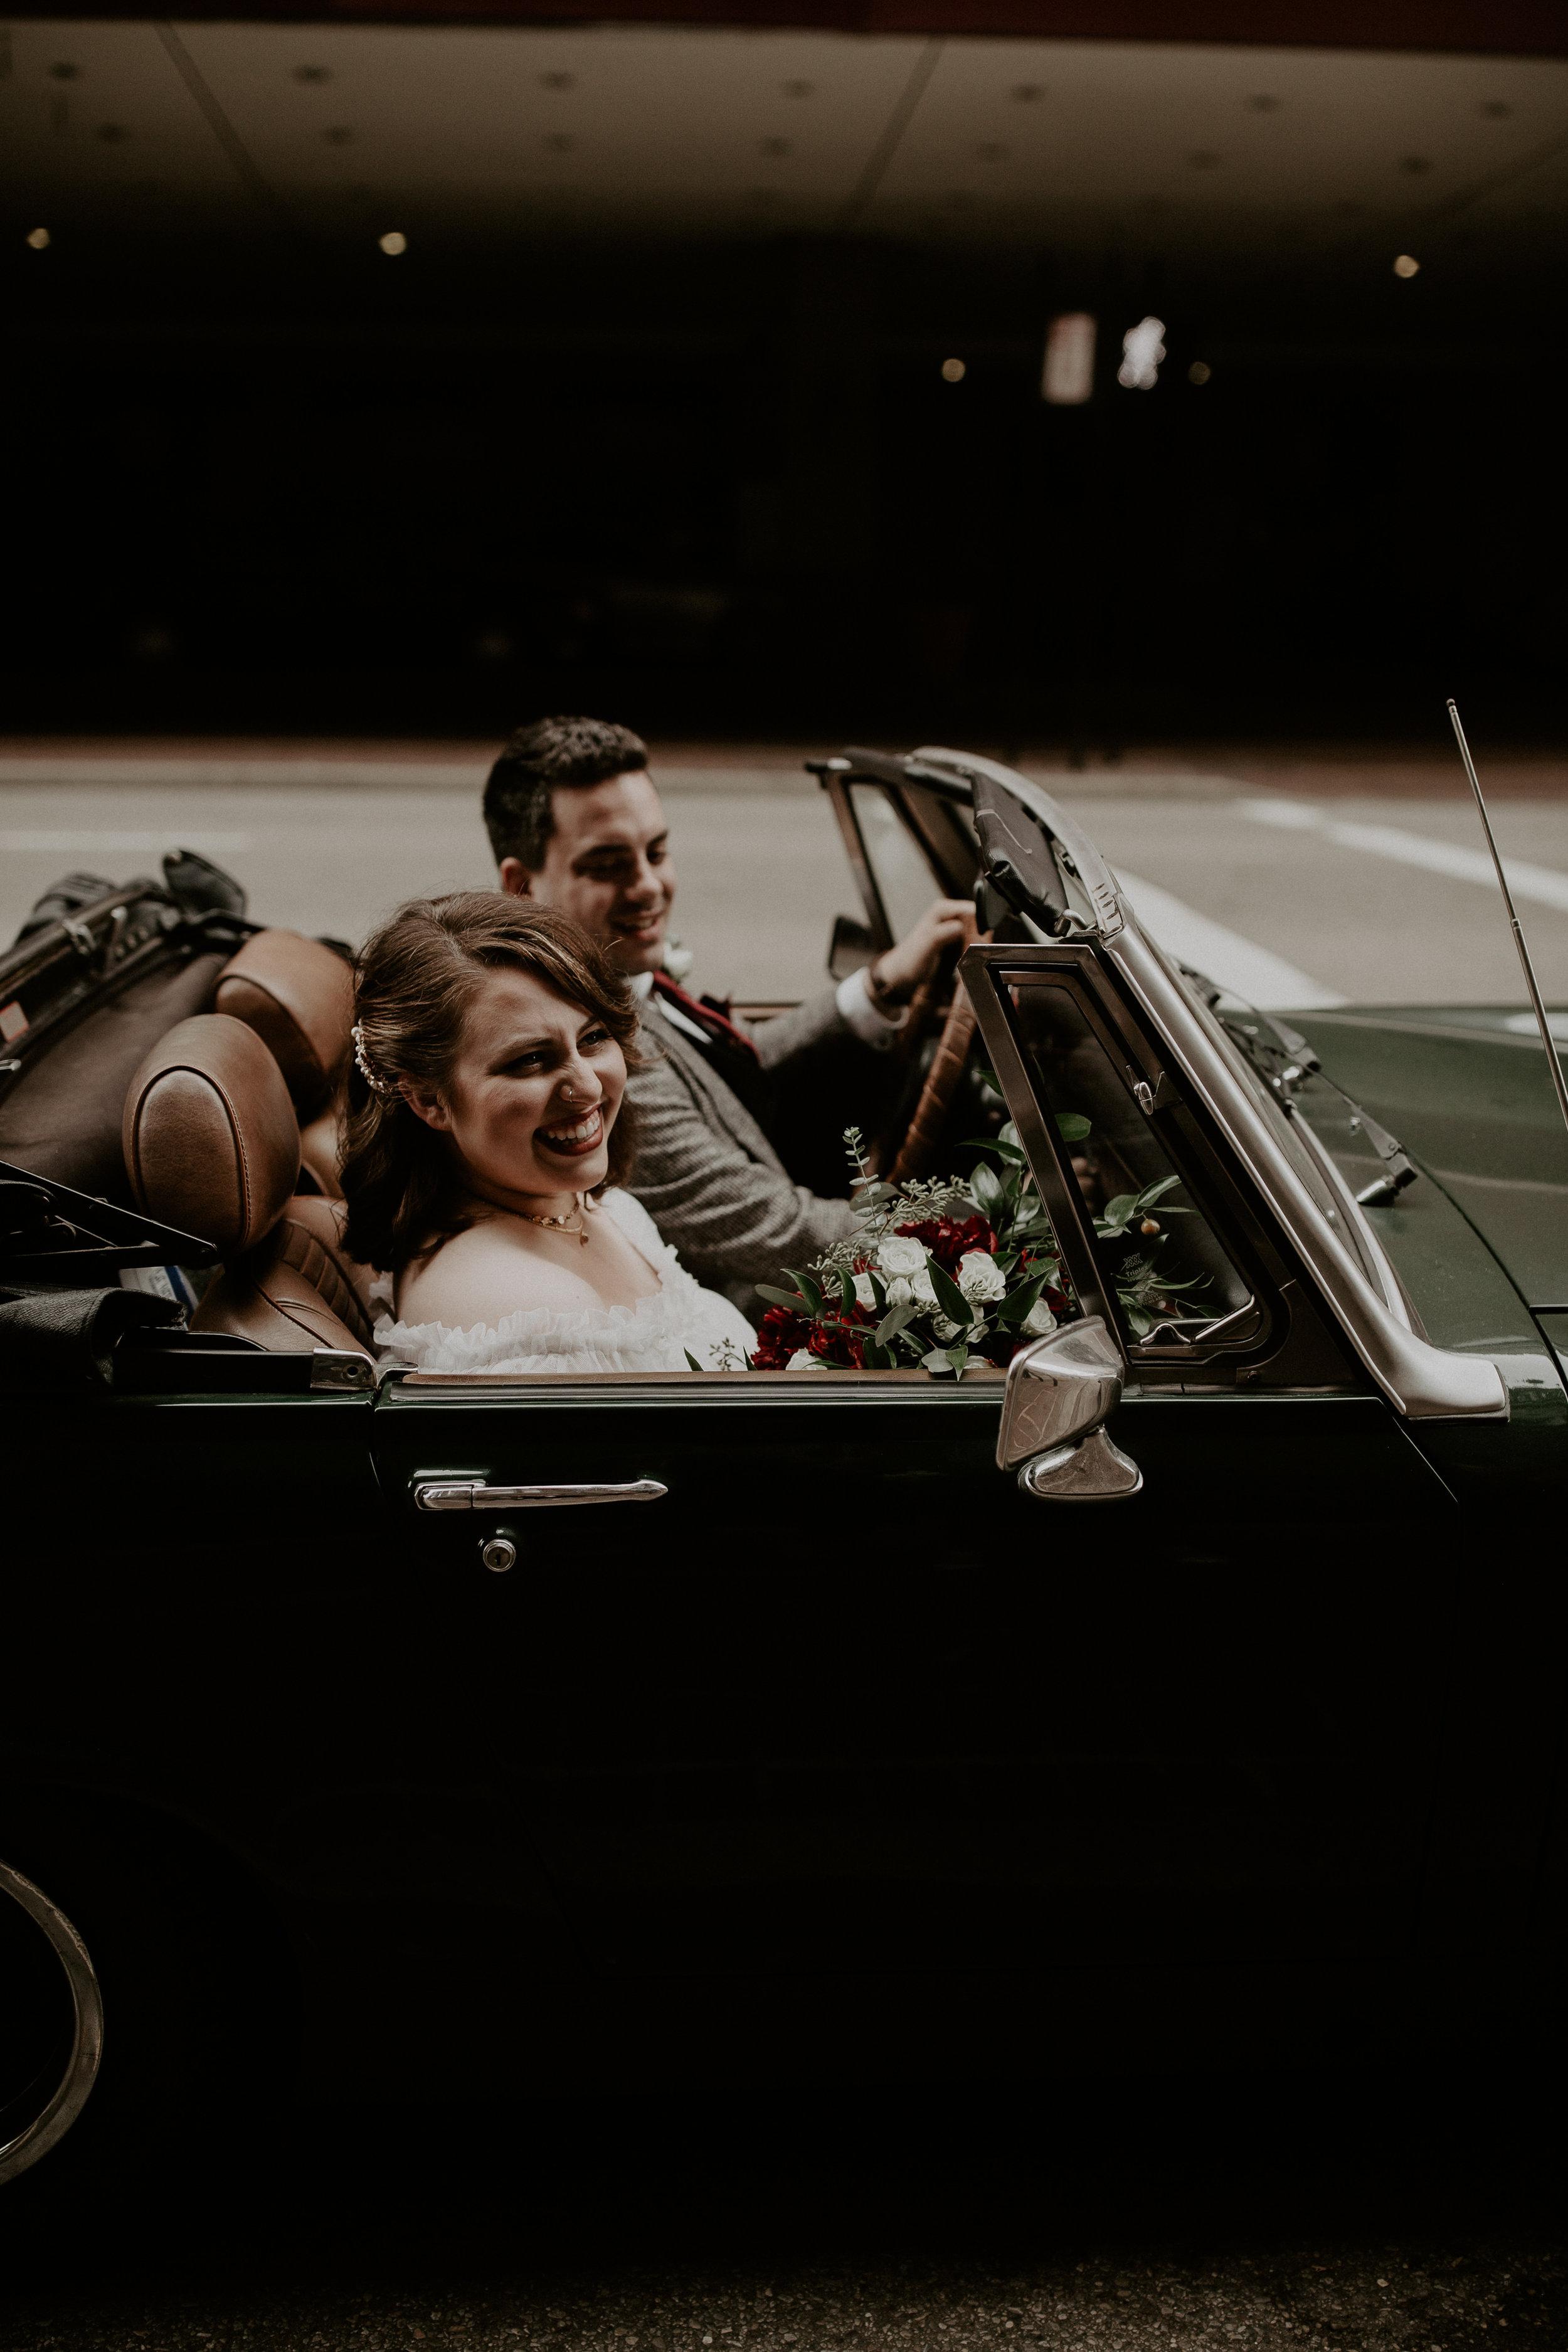 Jaymee_Jake_Turn_Vintage_Warehouse_Wedding-EDIT-46.JPG